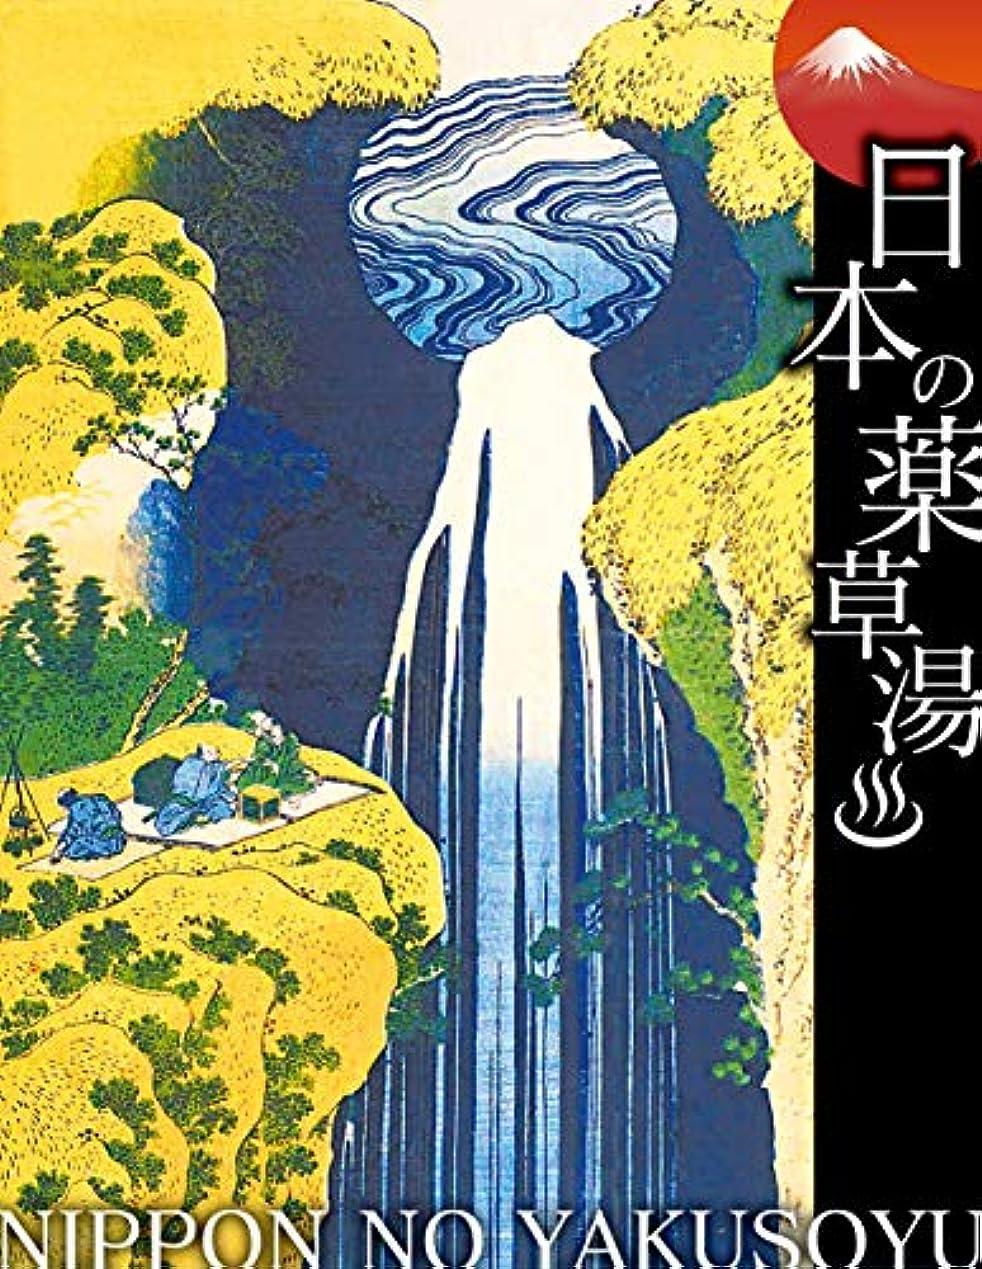 必要とする製油所透けて見える日本の薬草湯 木曽路ノ奥阿弥陀ヶ瀧(諸国瀧廻り)